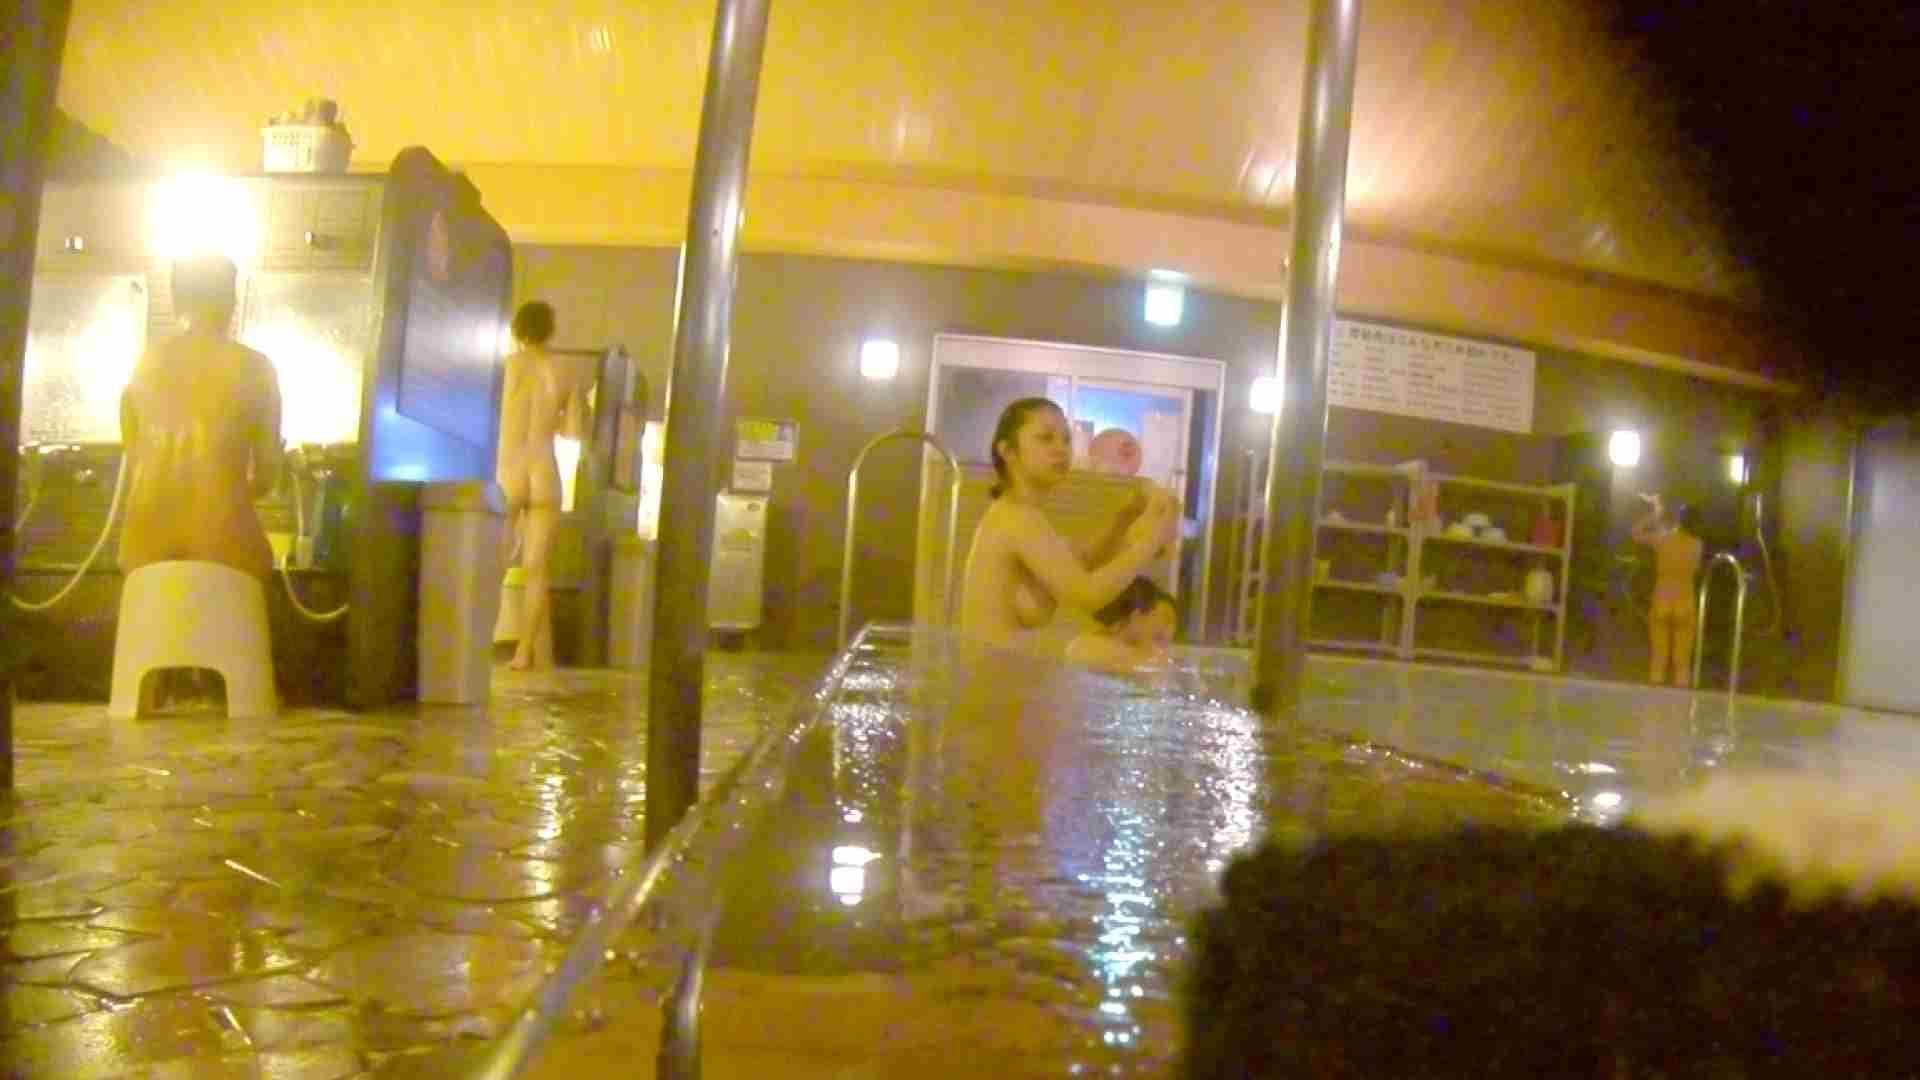 洗い場!形、大きさ、柔らかさ全てが合格点の触りたくなるオッパイ。 銭湯   潜入エロ調査  41連発 1